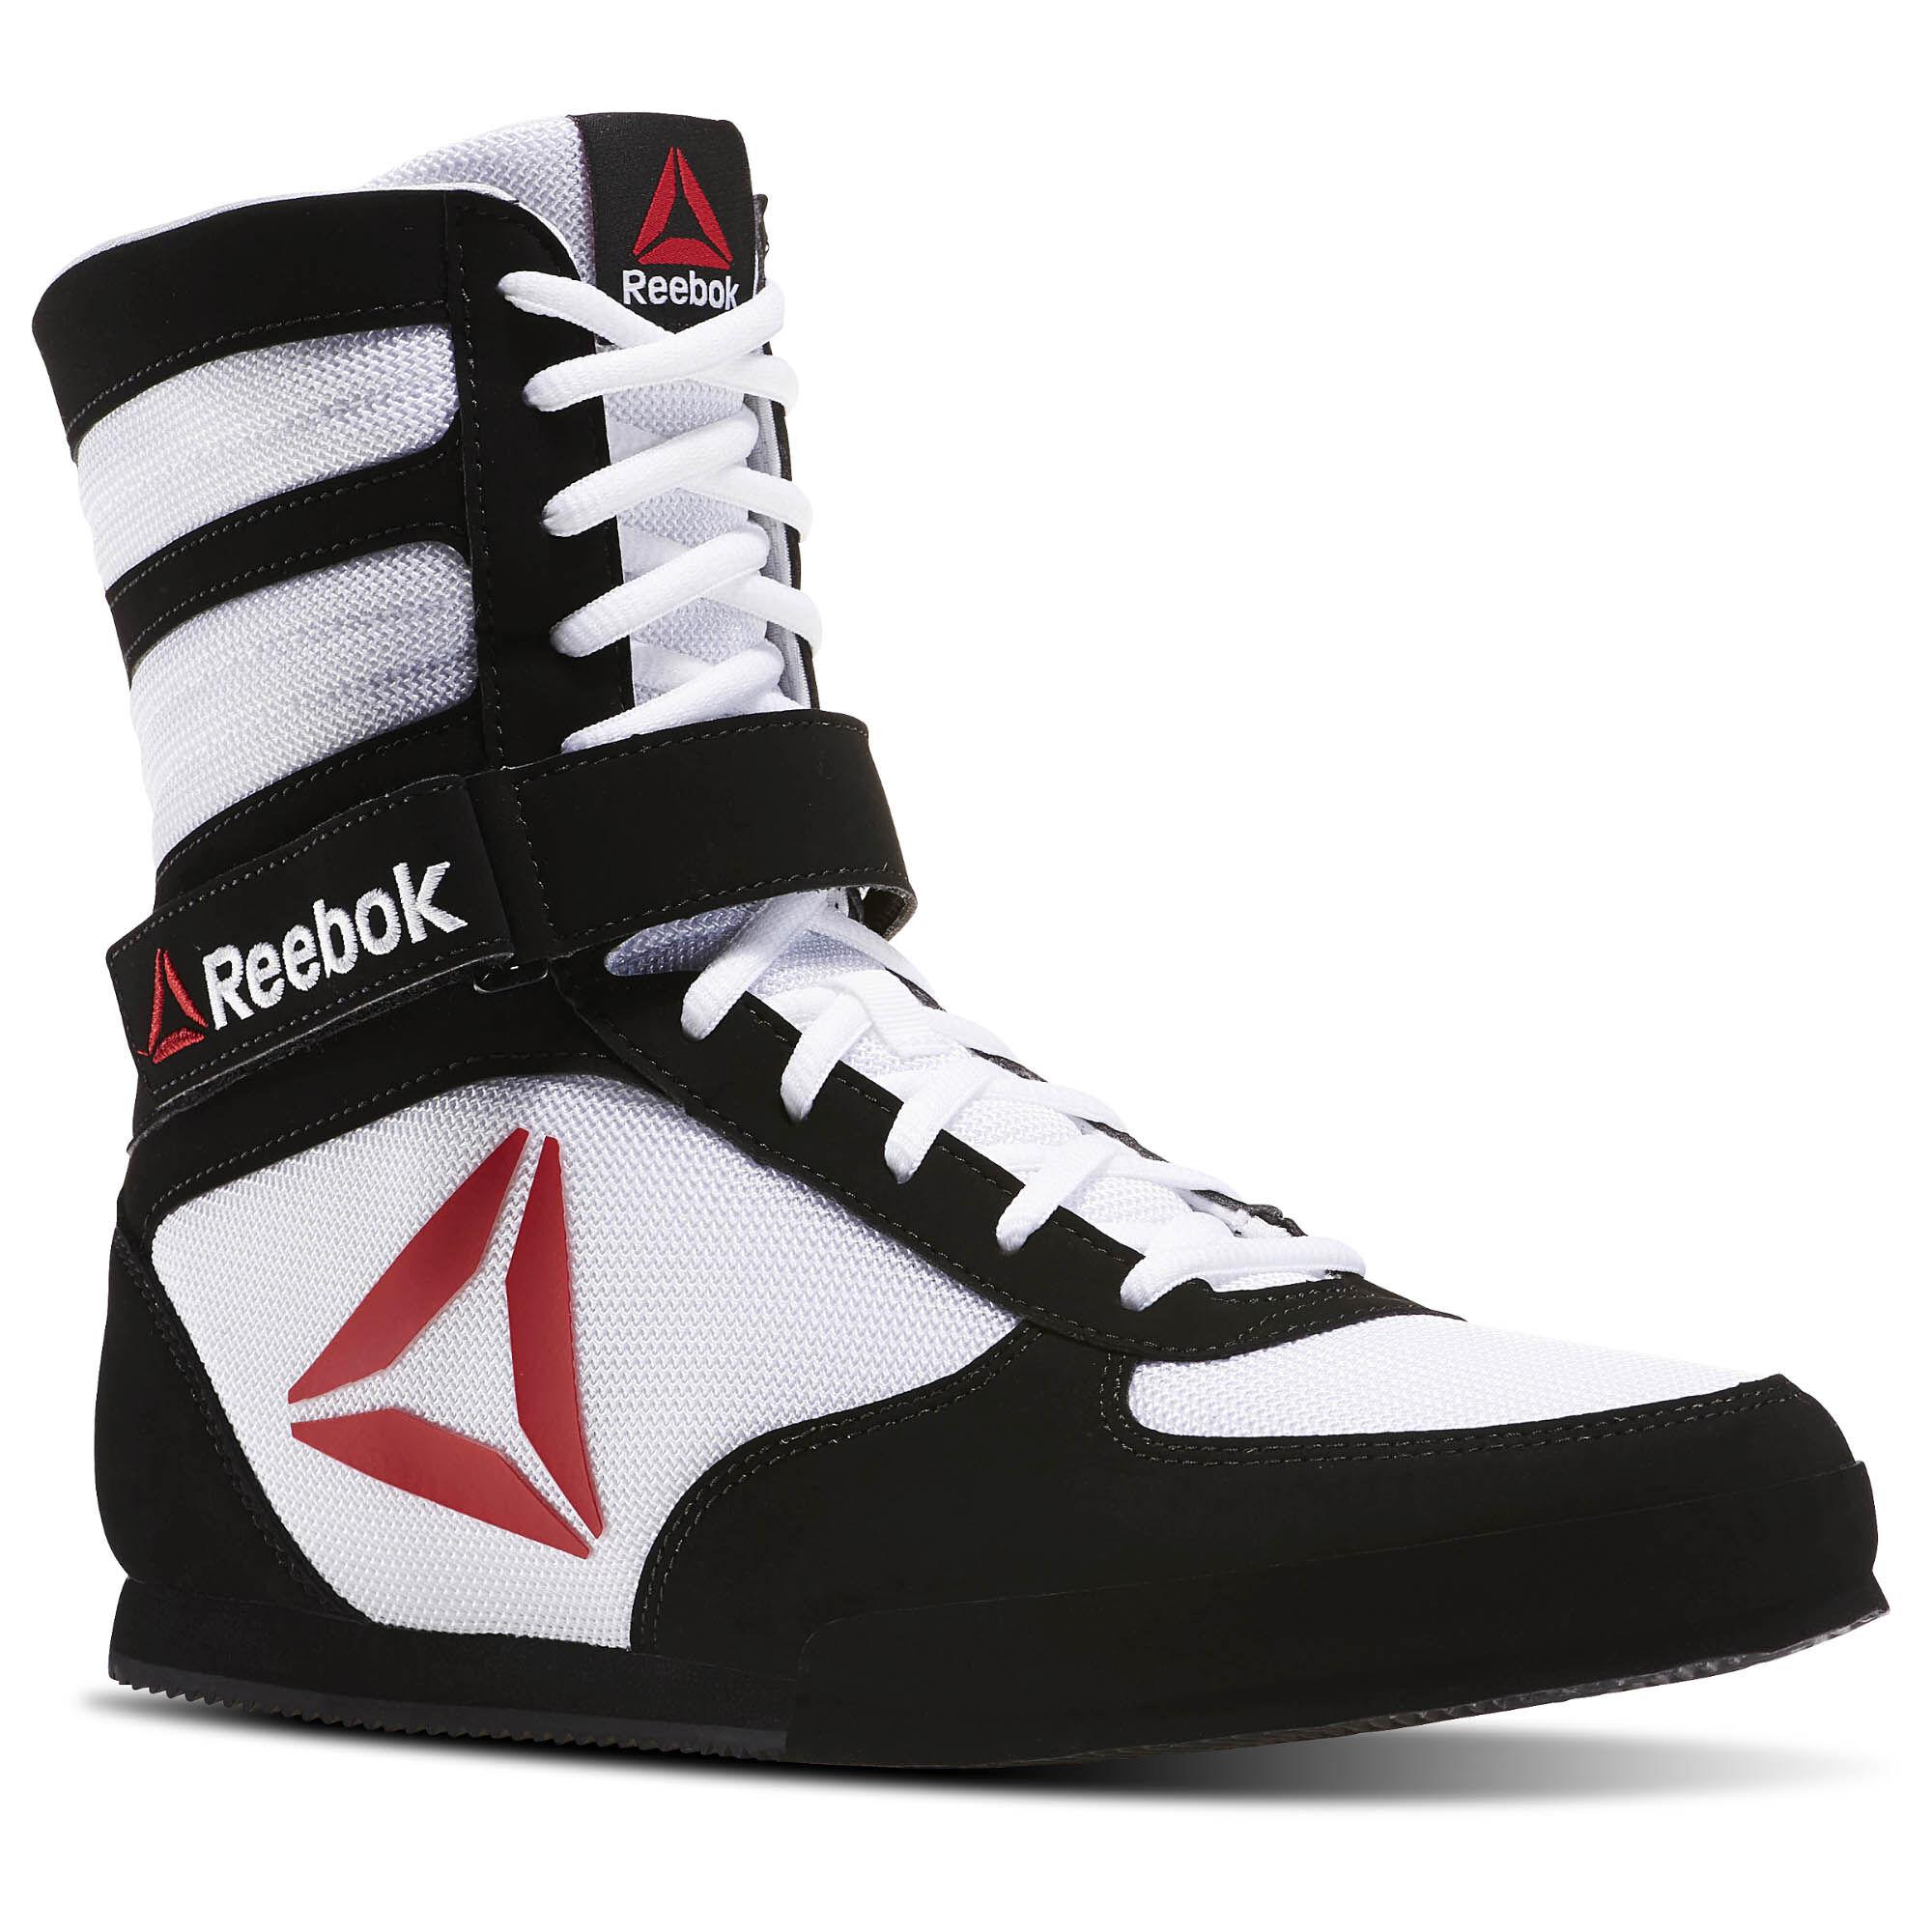 Reebok Boxing Women S Shoes